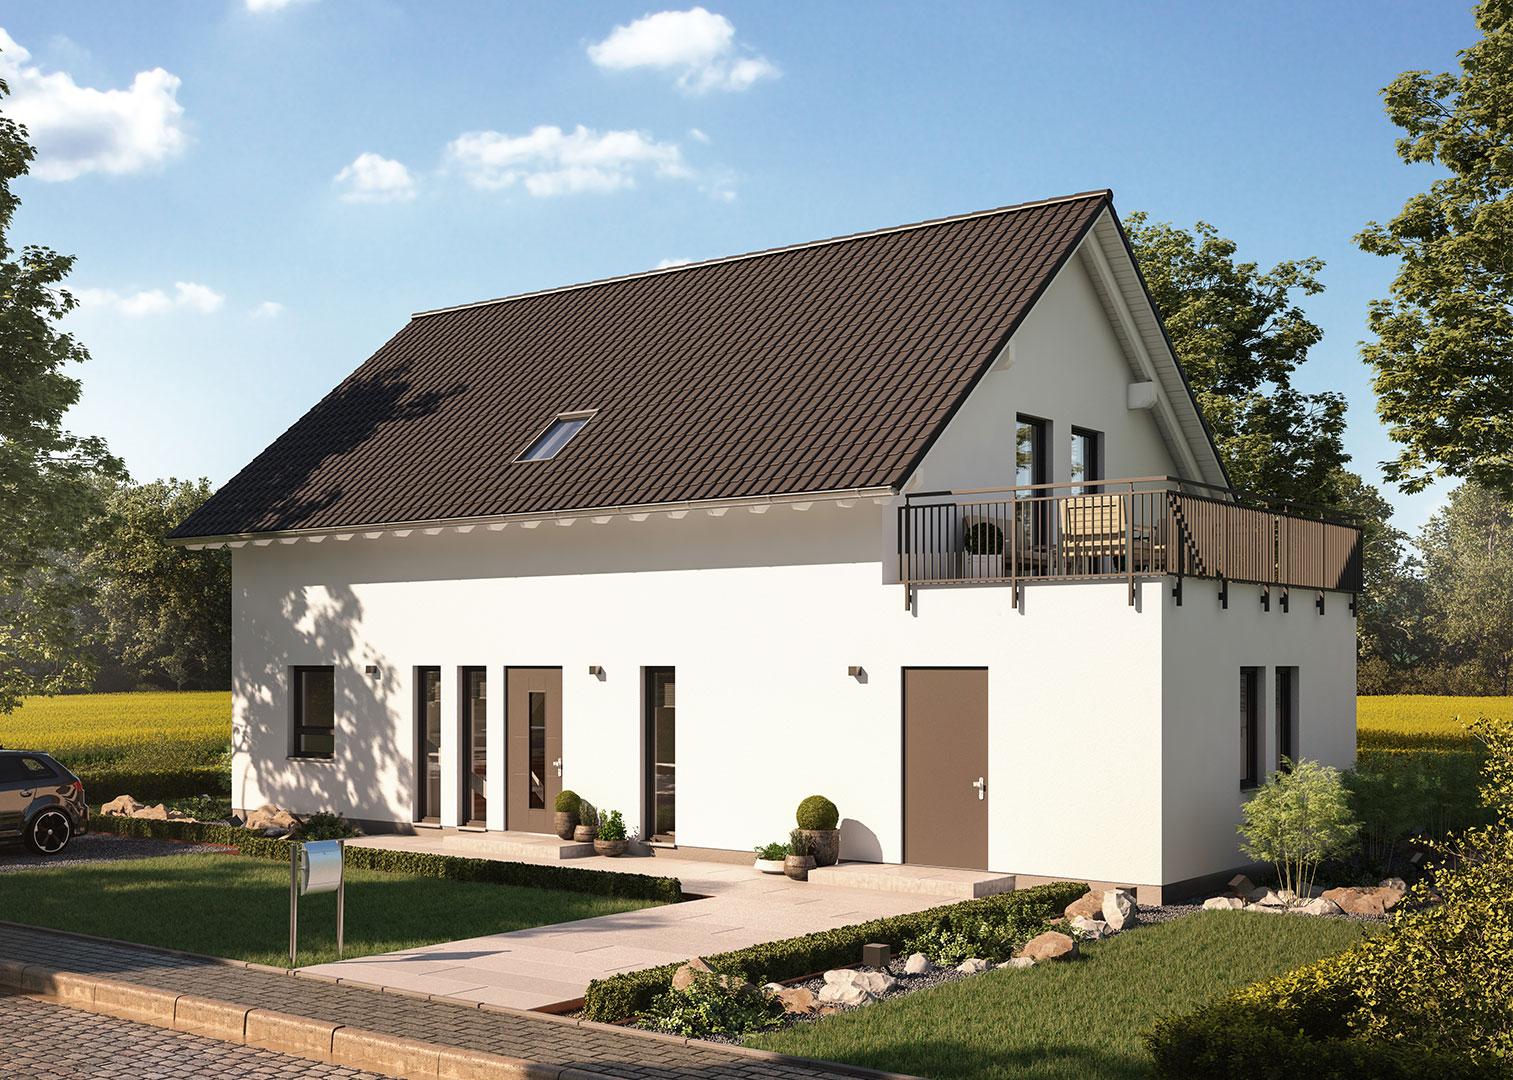 massa-einfamilienhaus-lifestyle-18.02-S-bild-4-folder-4